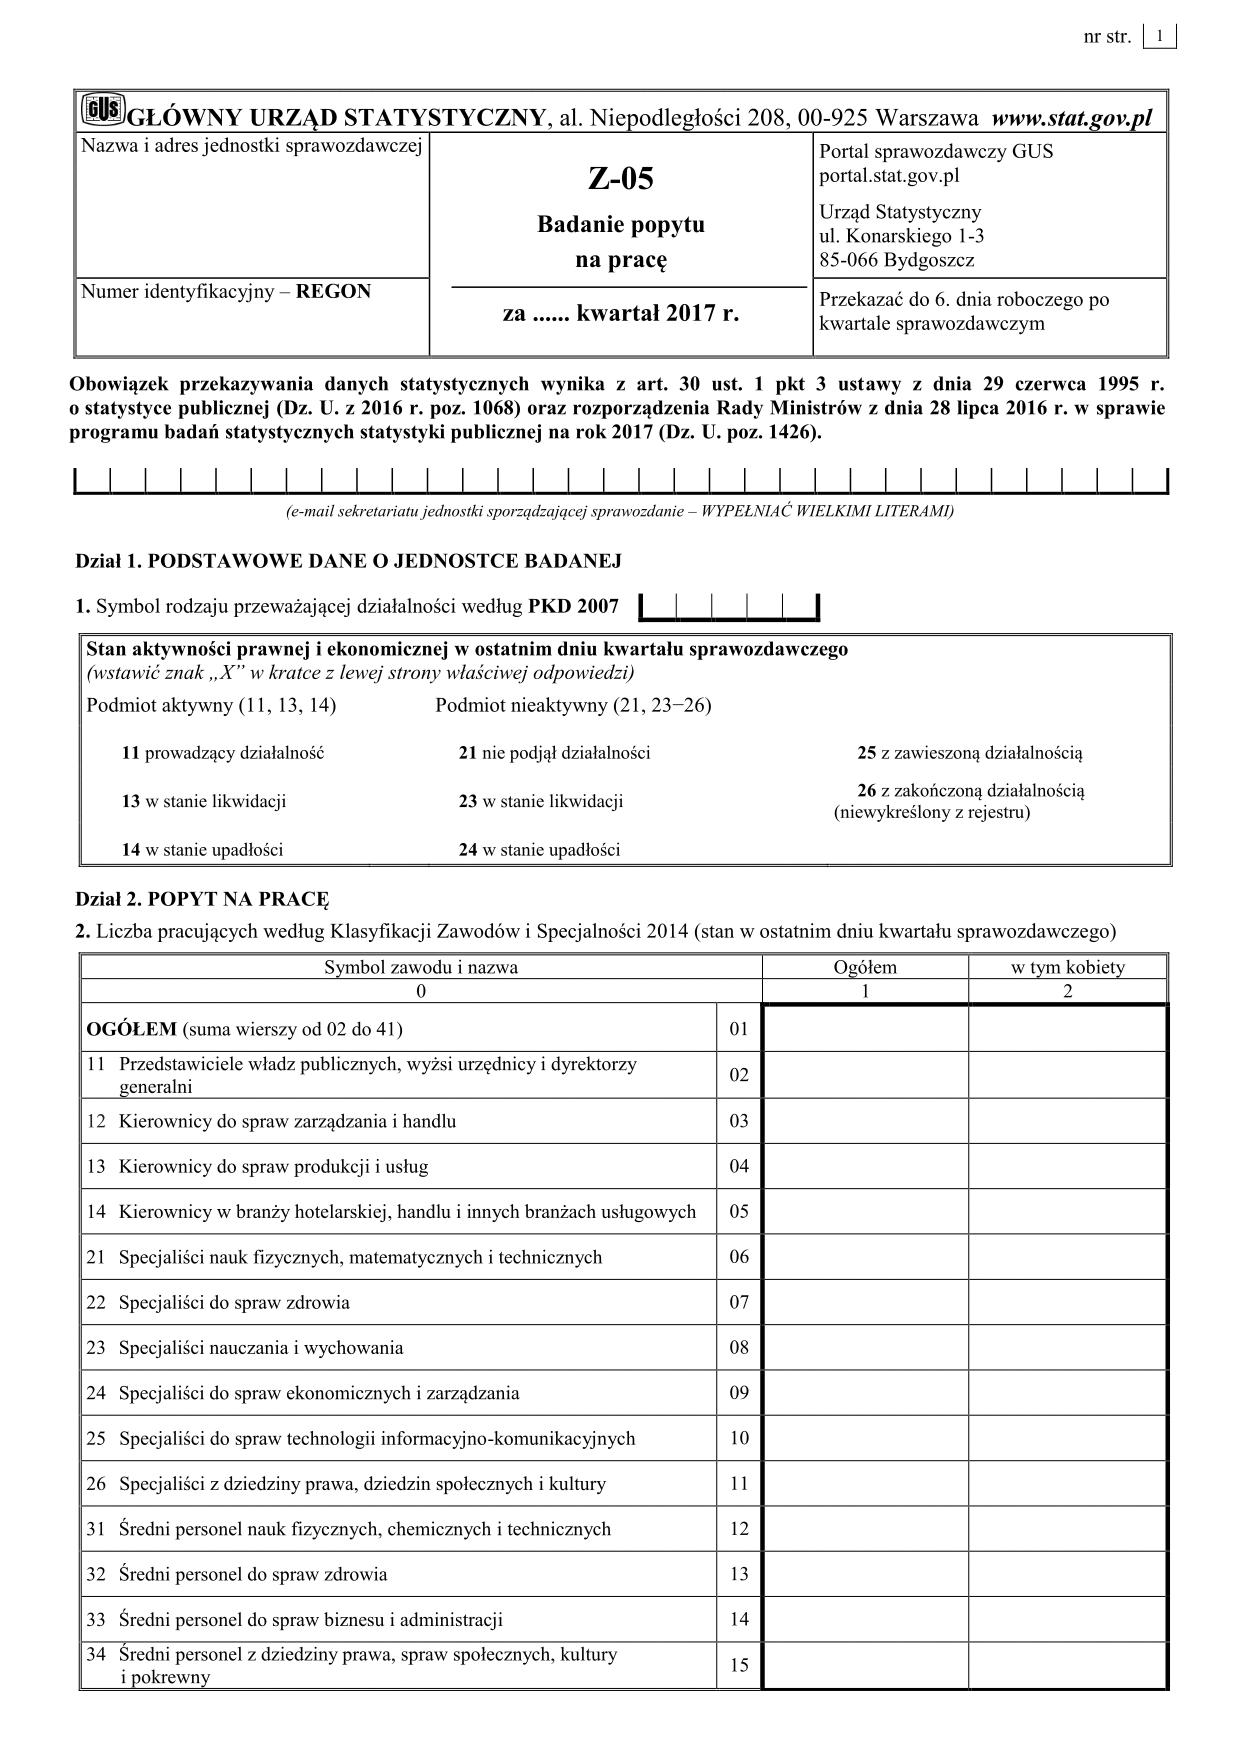 GUS Z-05 (2017) Badanie popytu na pracę